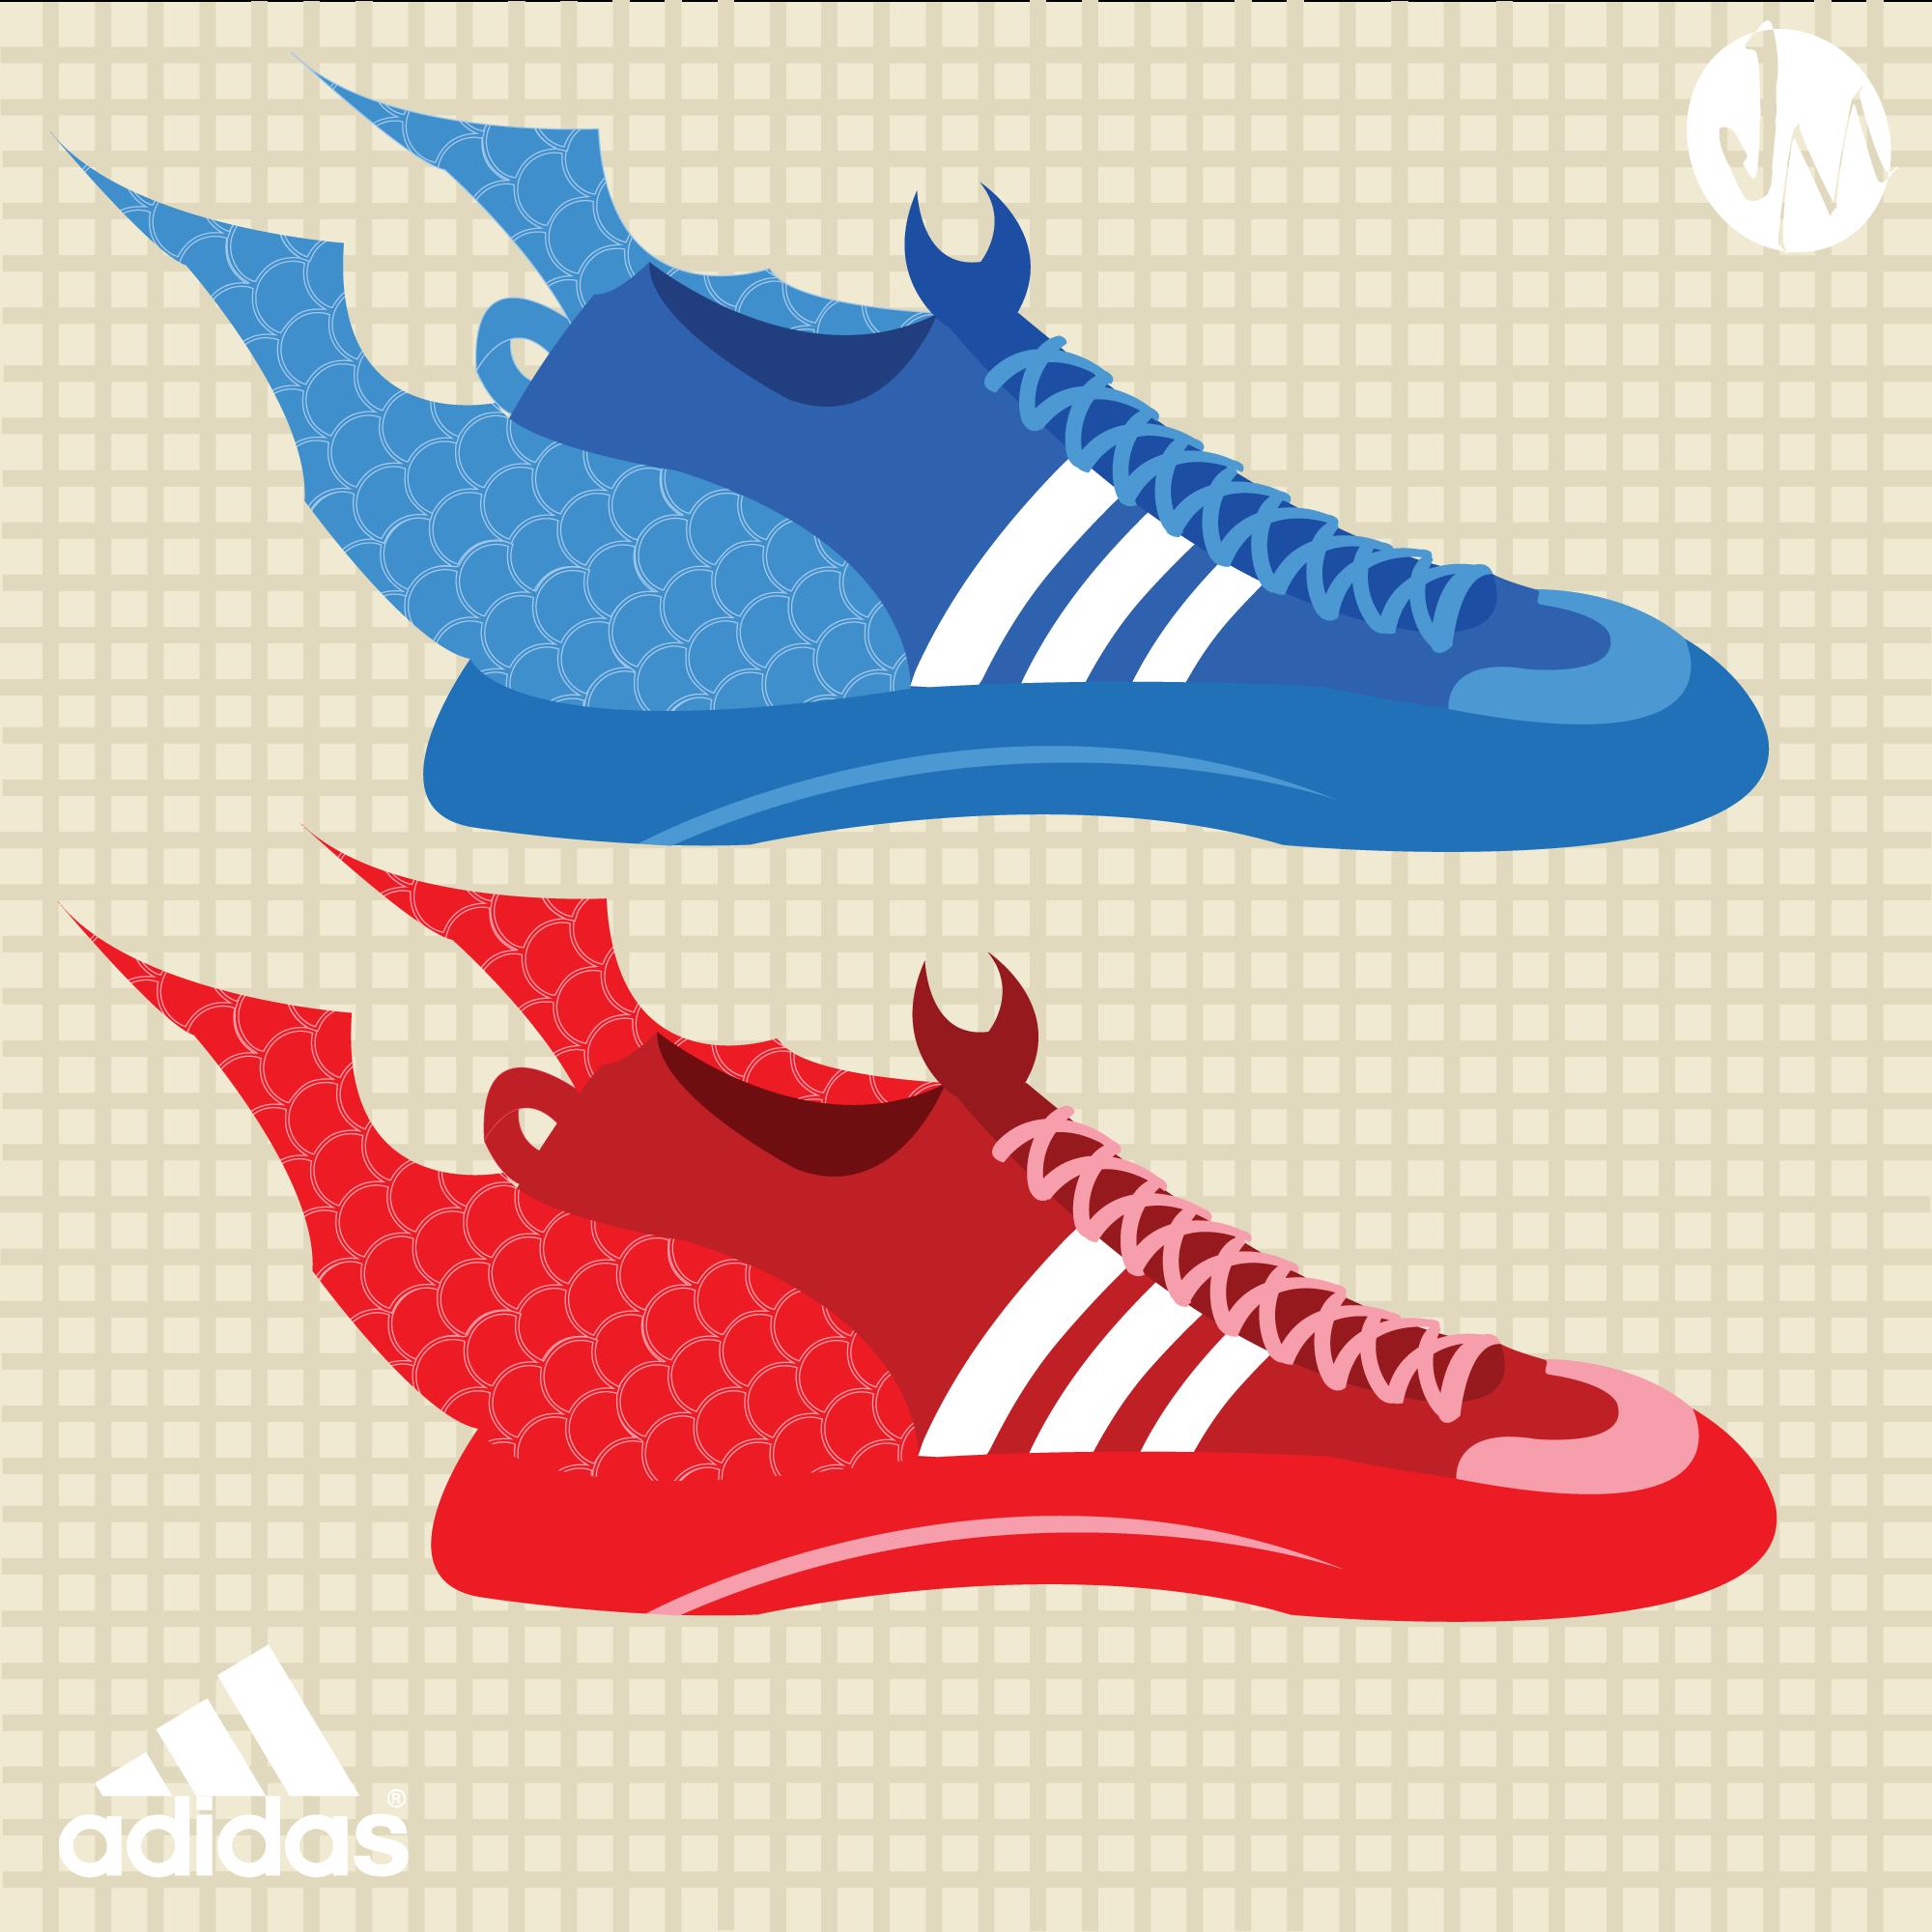 Adidas-Dragon-Wing.png